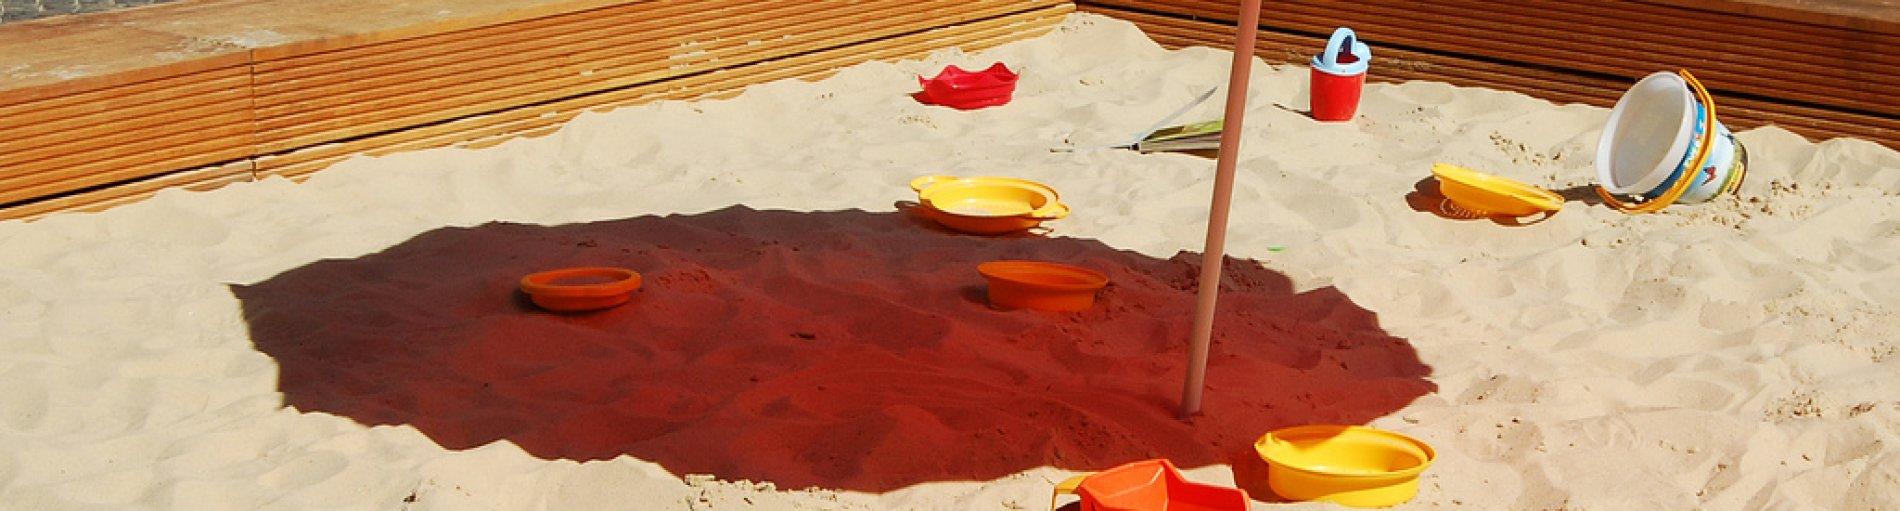 Sandkasten (Quelle: A. Robers/frauenseiten)